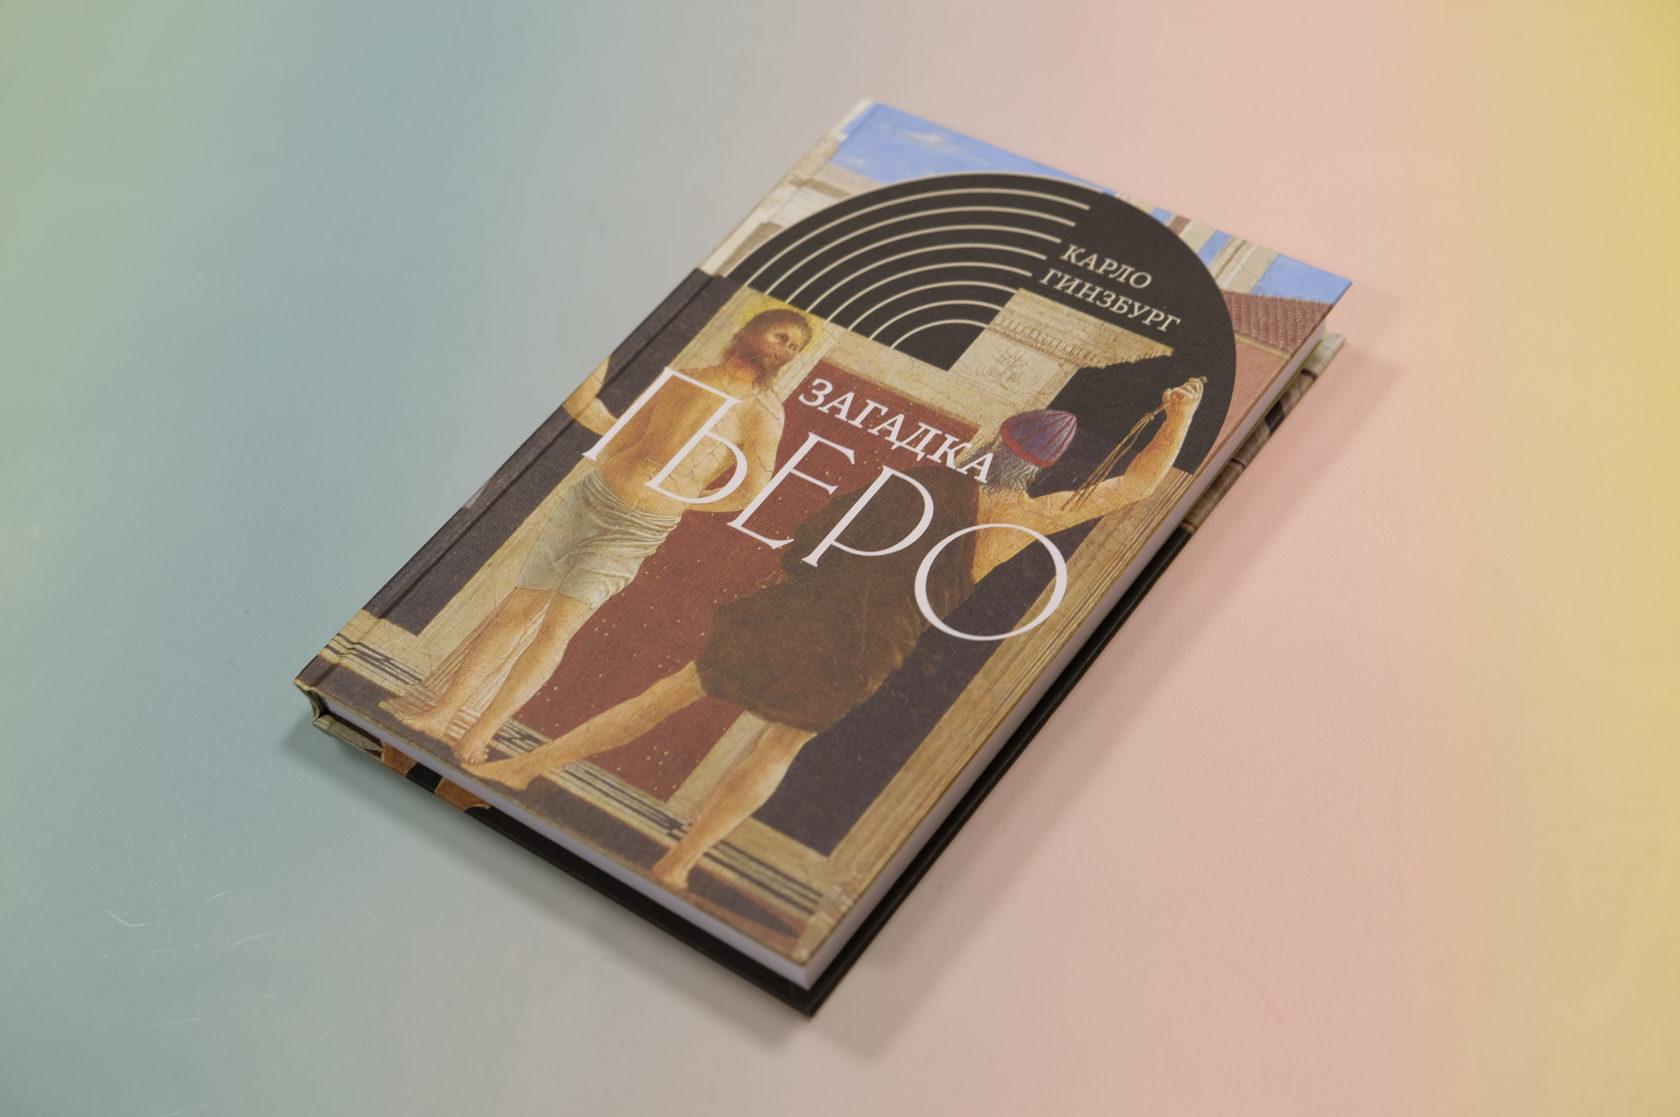 Карло Гинзбург «Загадка Пьеро: Пьеро делла Франческа»